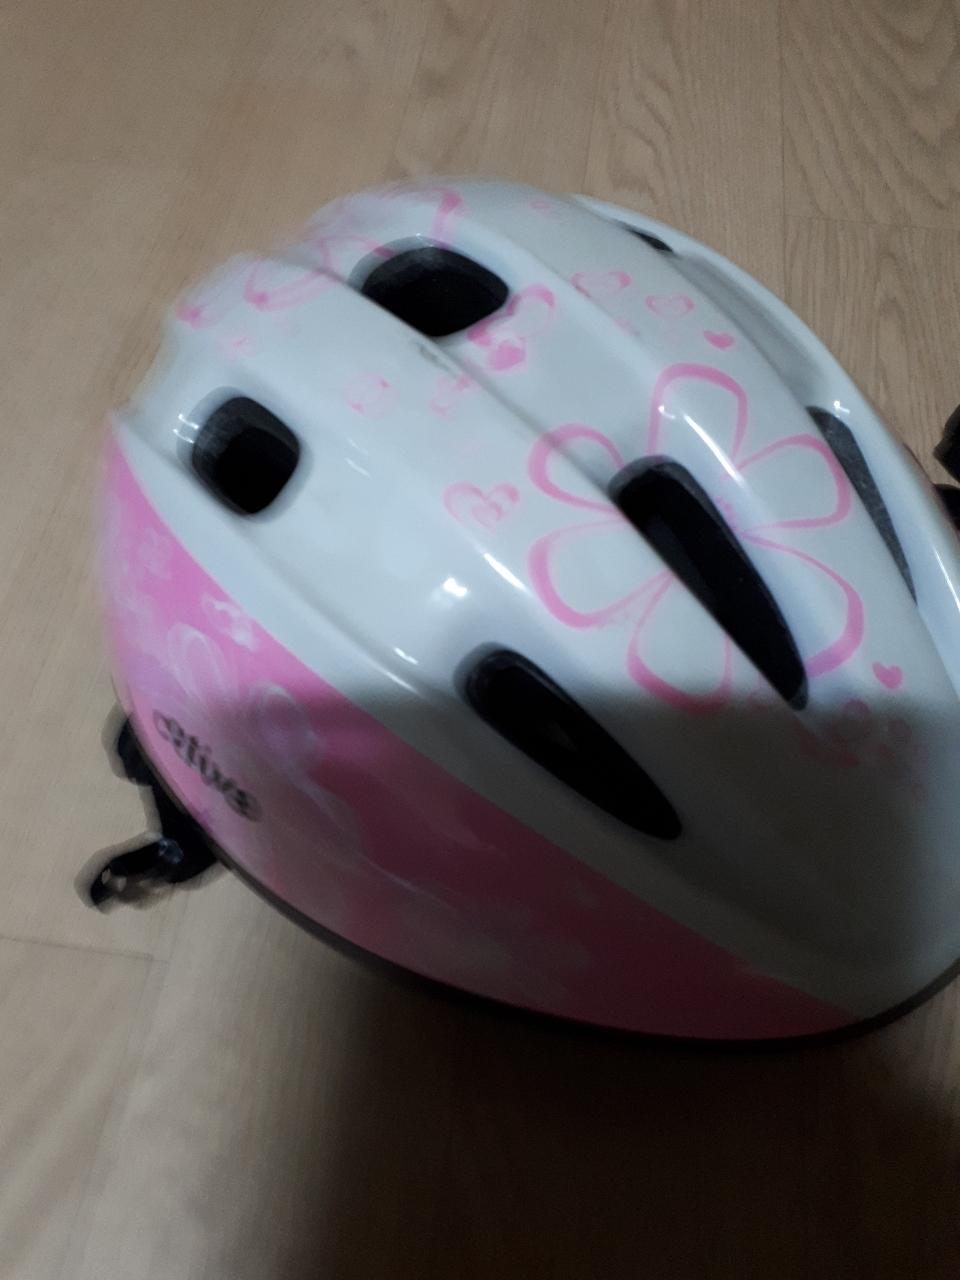 헬맷 사이즈S 자전거 탈때나 다용도로 사용 가능합니다